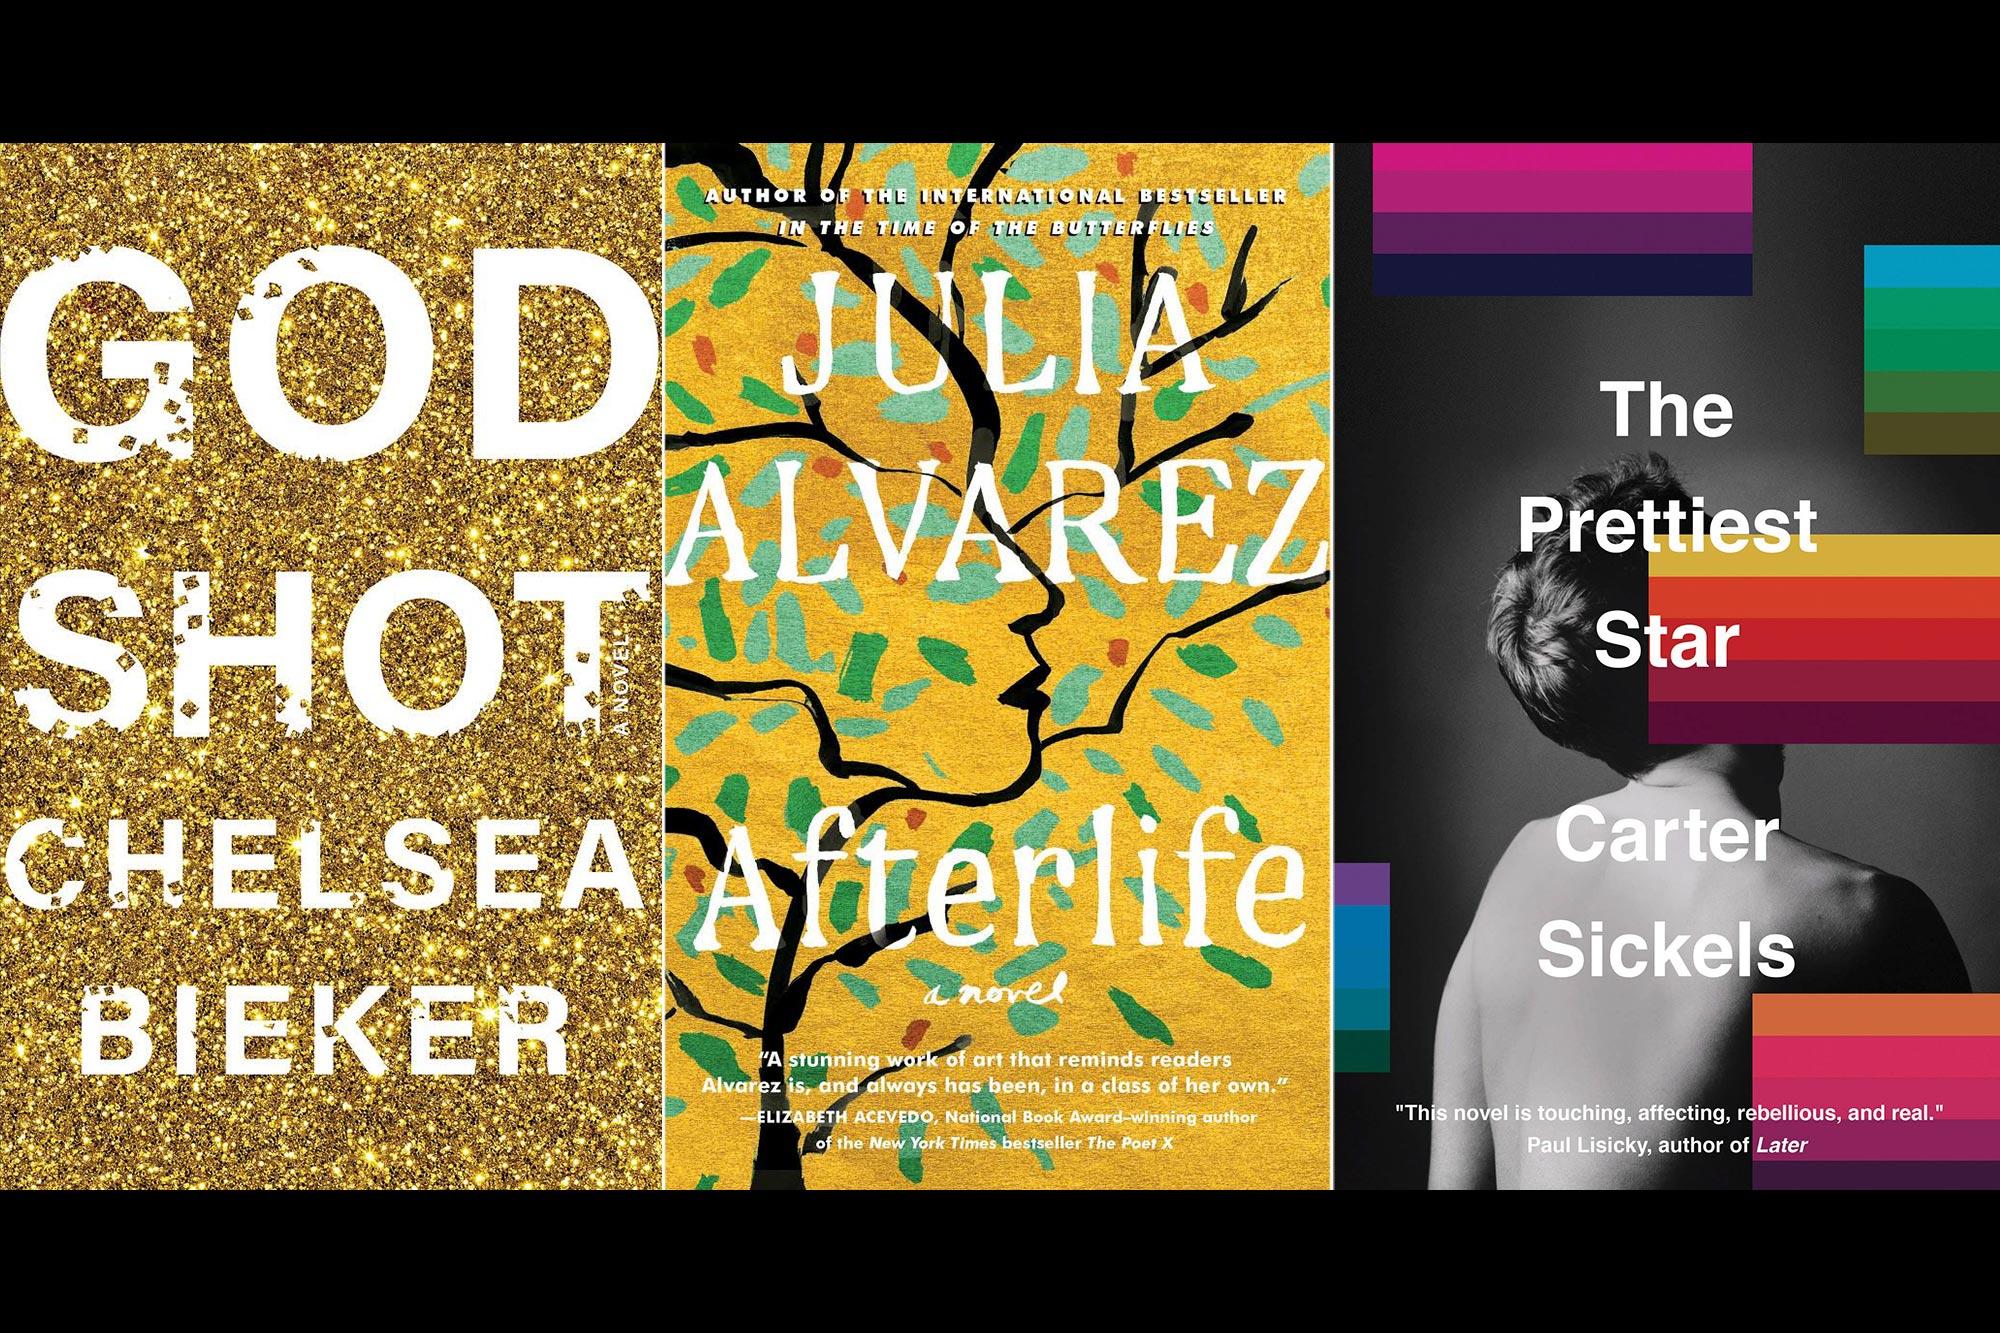 Godshot by Chelsea Bieker, Afterlife by Julia Alvarez, The Prettiest Star by Carter Sickels